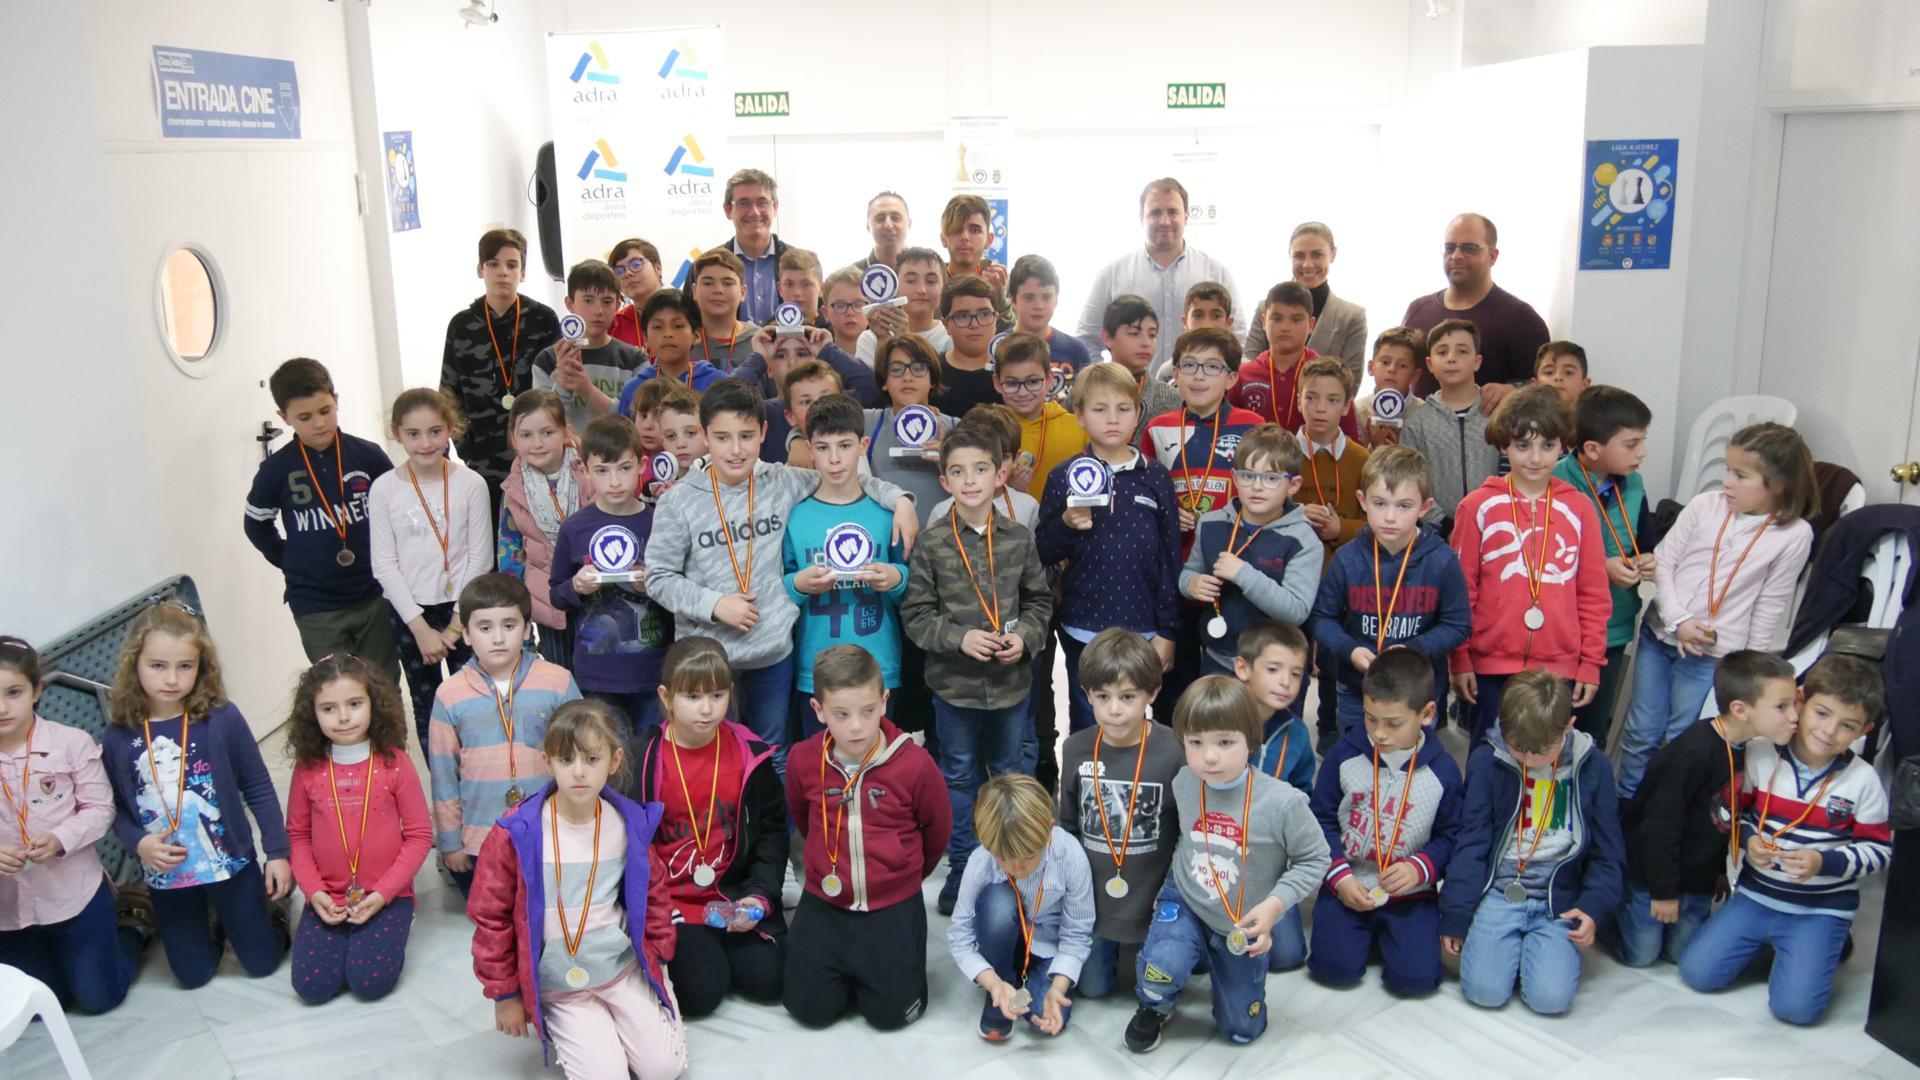 Éxito abderitano en el Torneo de Adra de la II Liga de Ajedrez escolar 'Chesscuela Almería'